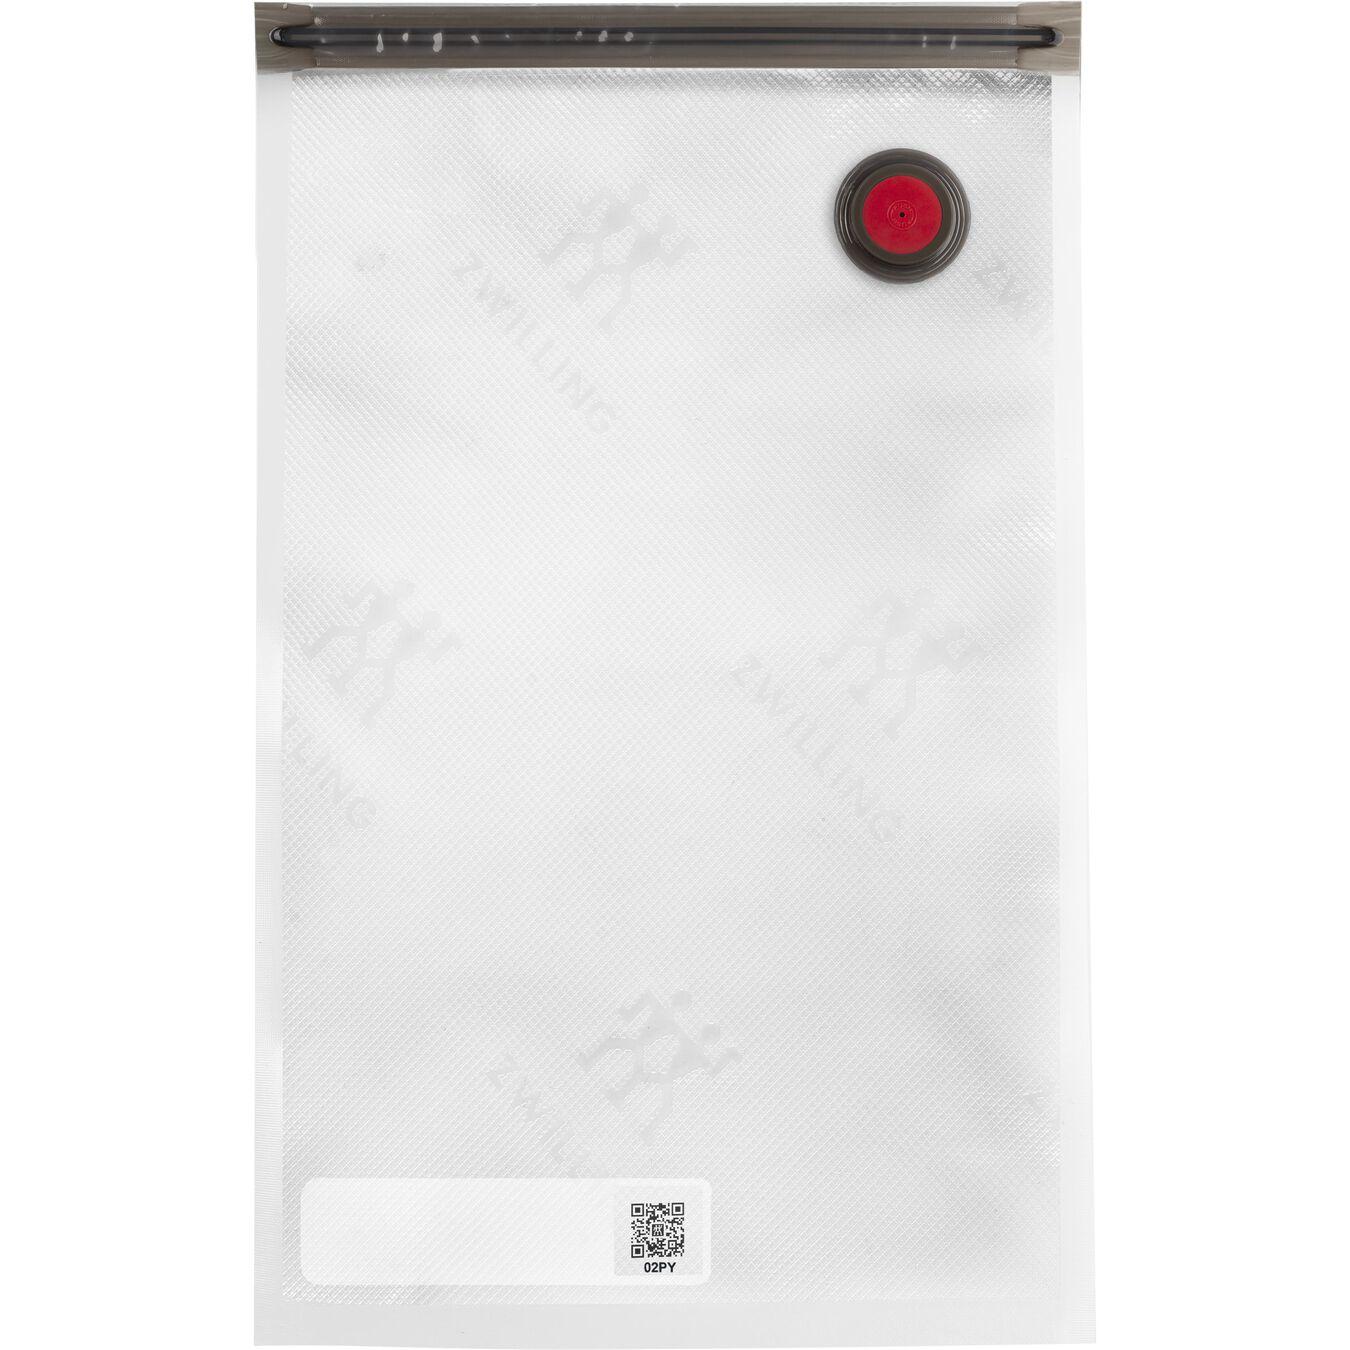 Vakuum Starterset, Kunststoff / M/L, 7-tlg, Weiß,,large 5